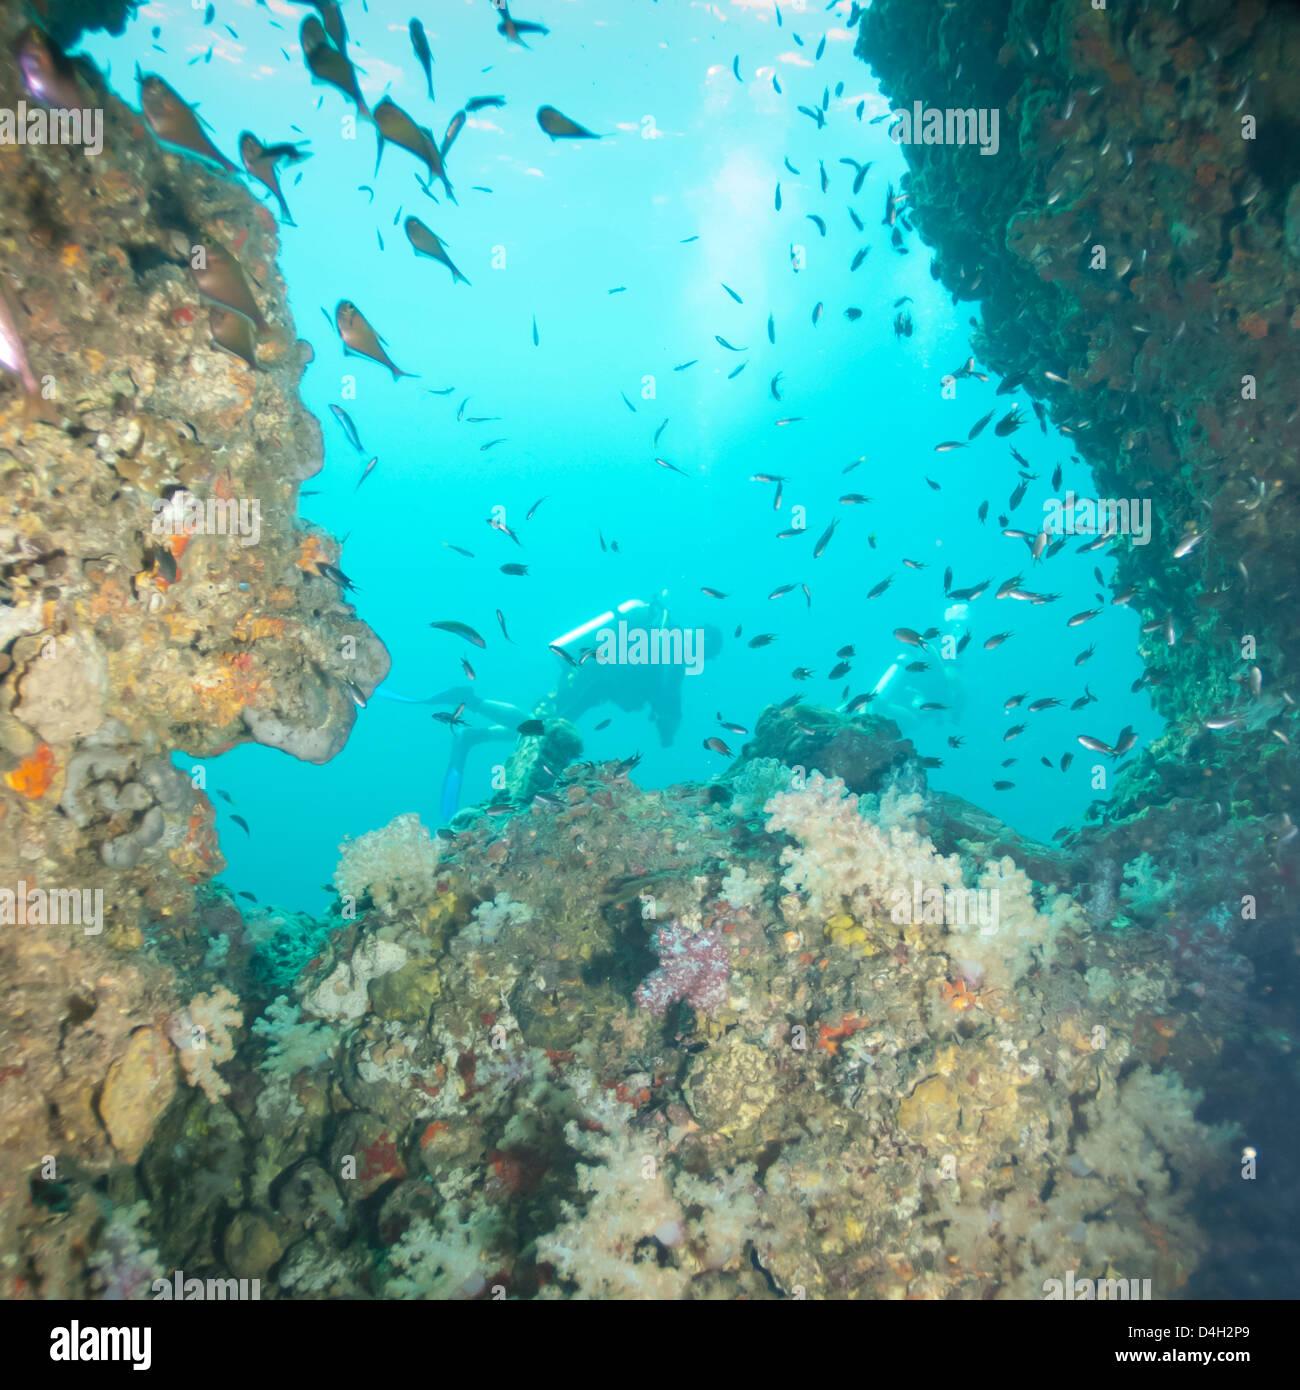 Scuba diving, nel sud della Thailandia, sul Mare delle Andamane, Oceano Indiano, sud-est asiatico Immagini Stock